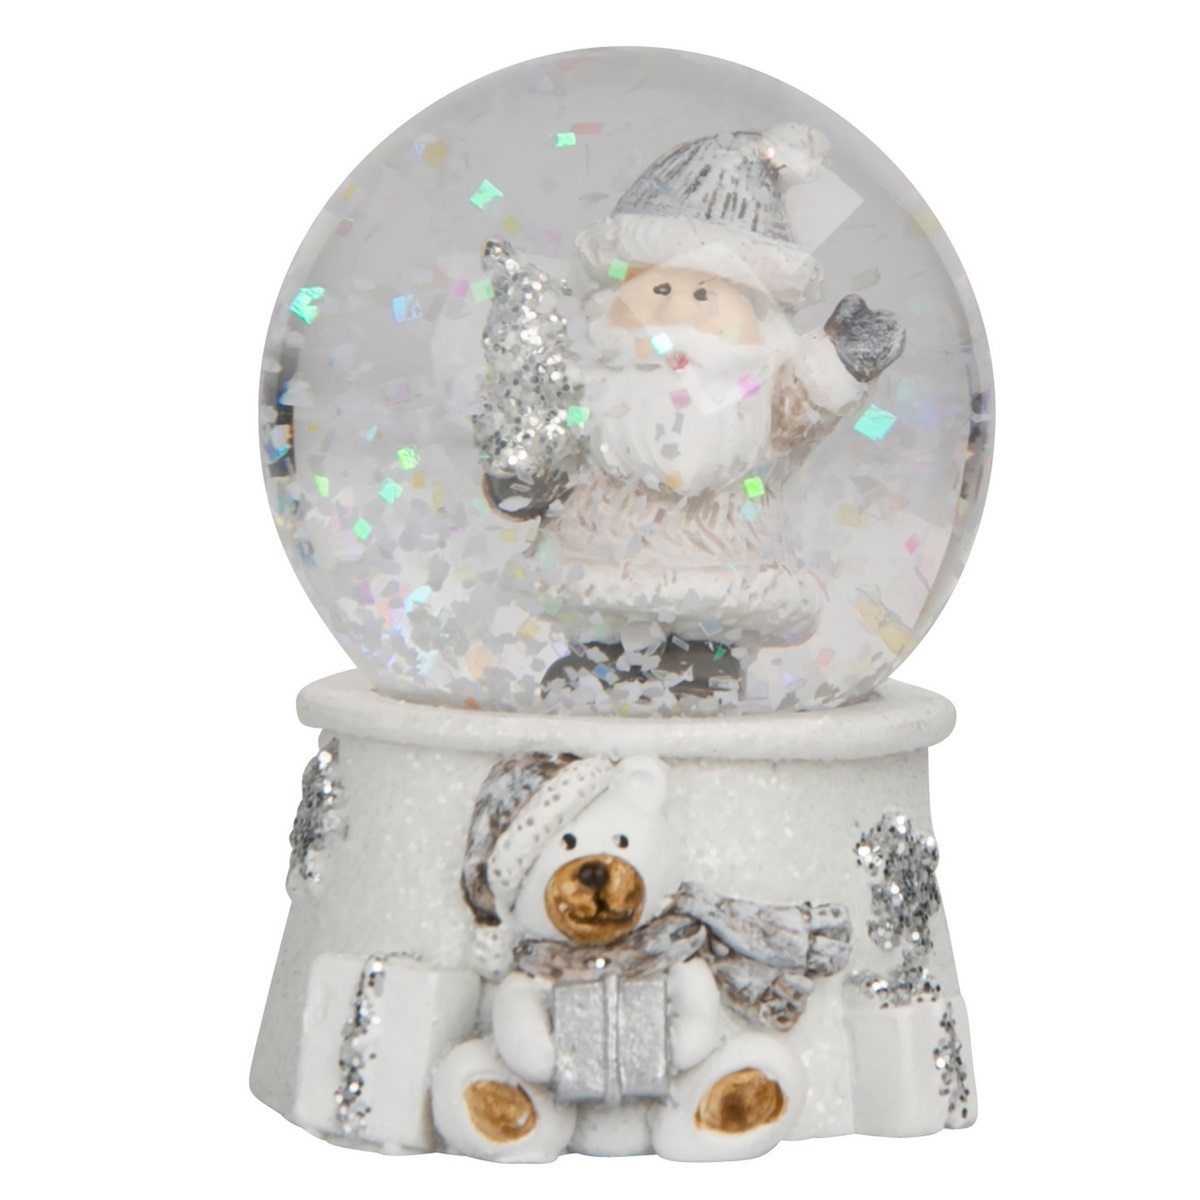 Atom Vánoční sněžítko Santa, 4,5 x 6,5 cm